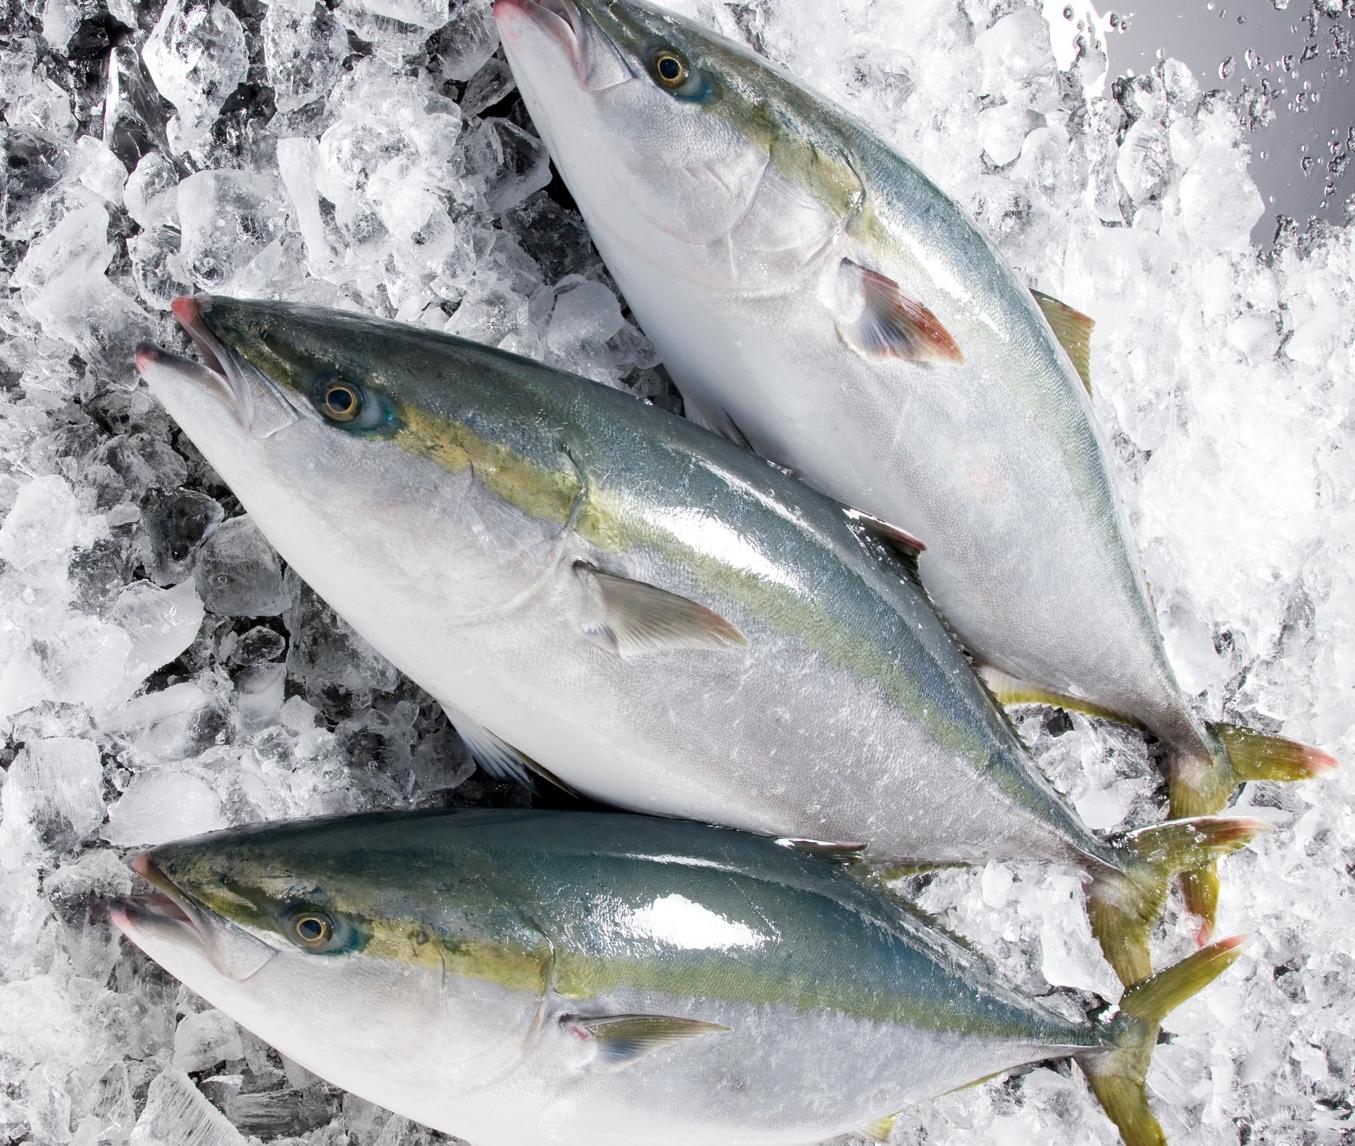 出世魚の最高峰!最高の食味のぶり!その知られざる栄養と健康効果のサムネイル画像